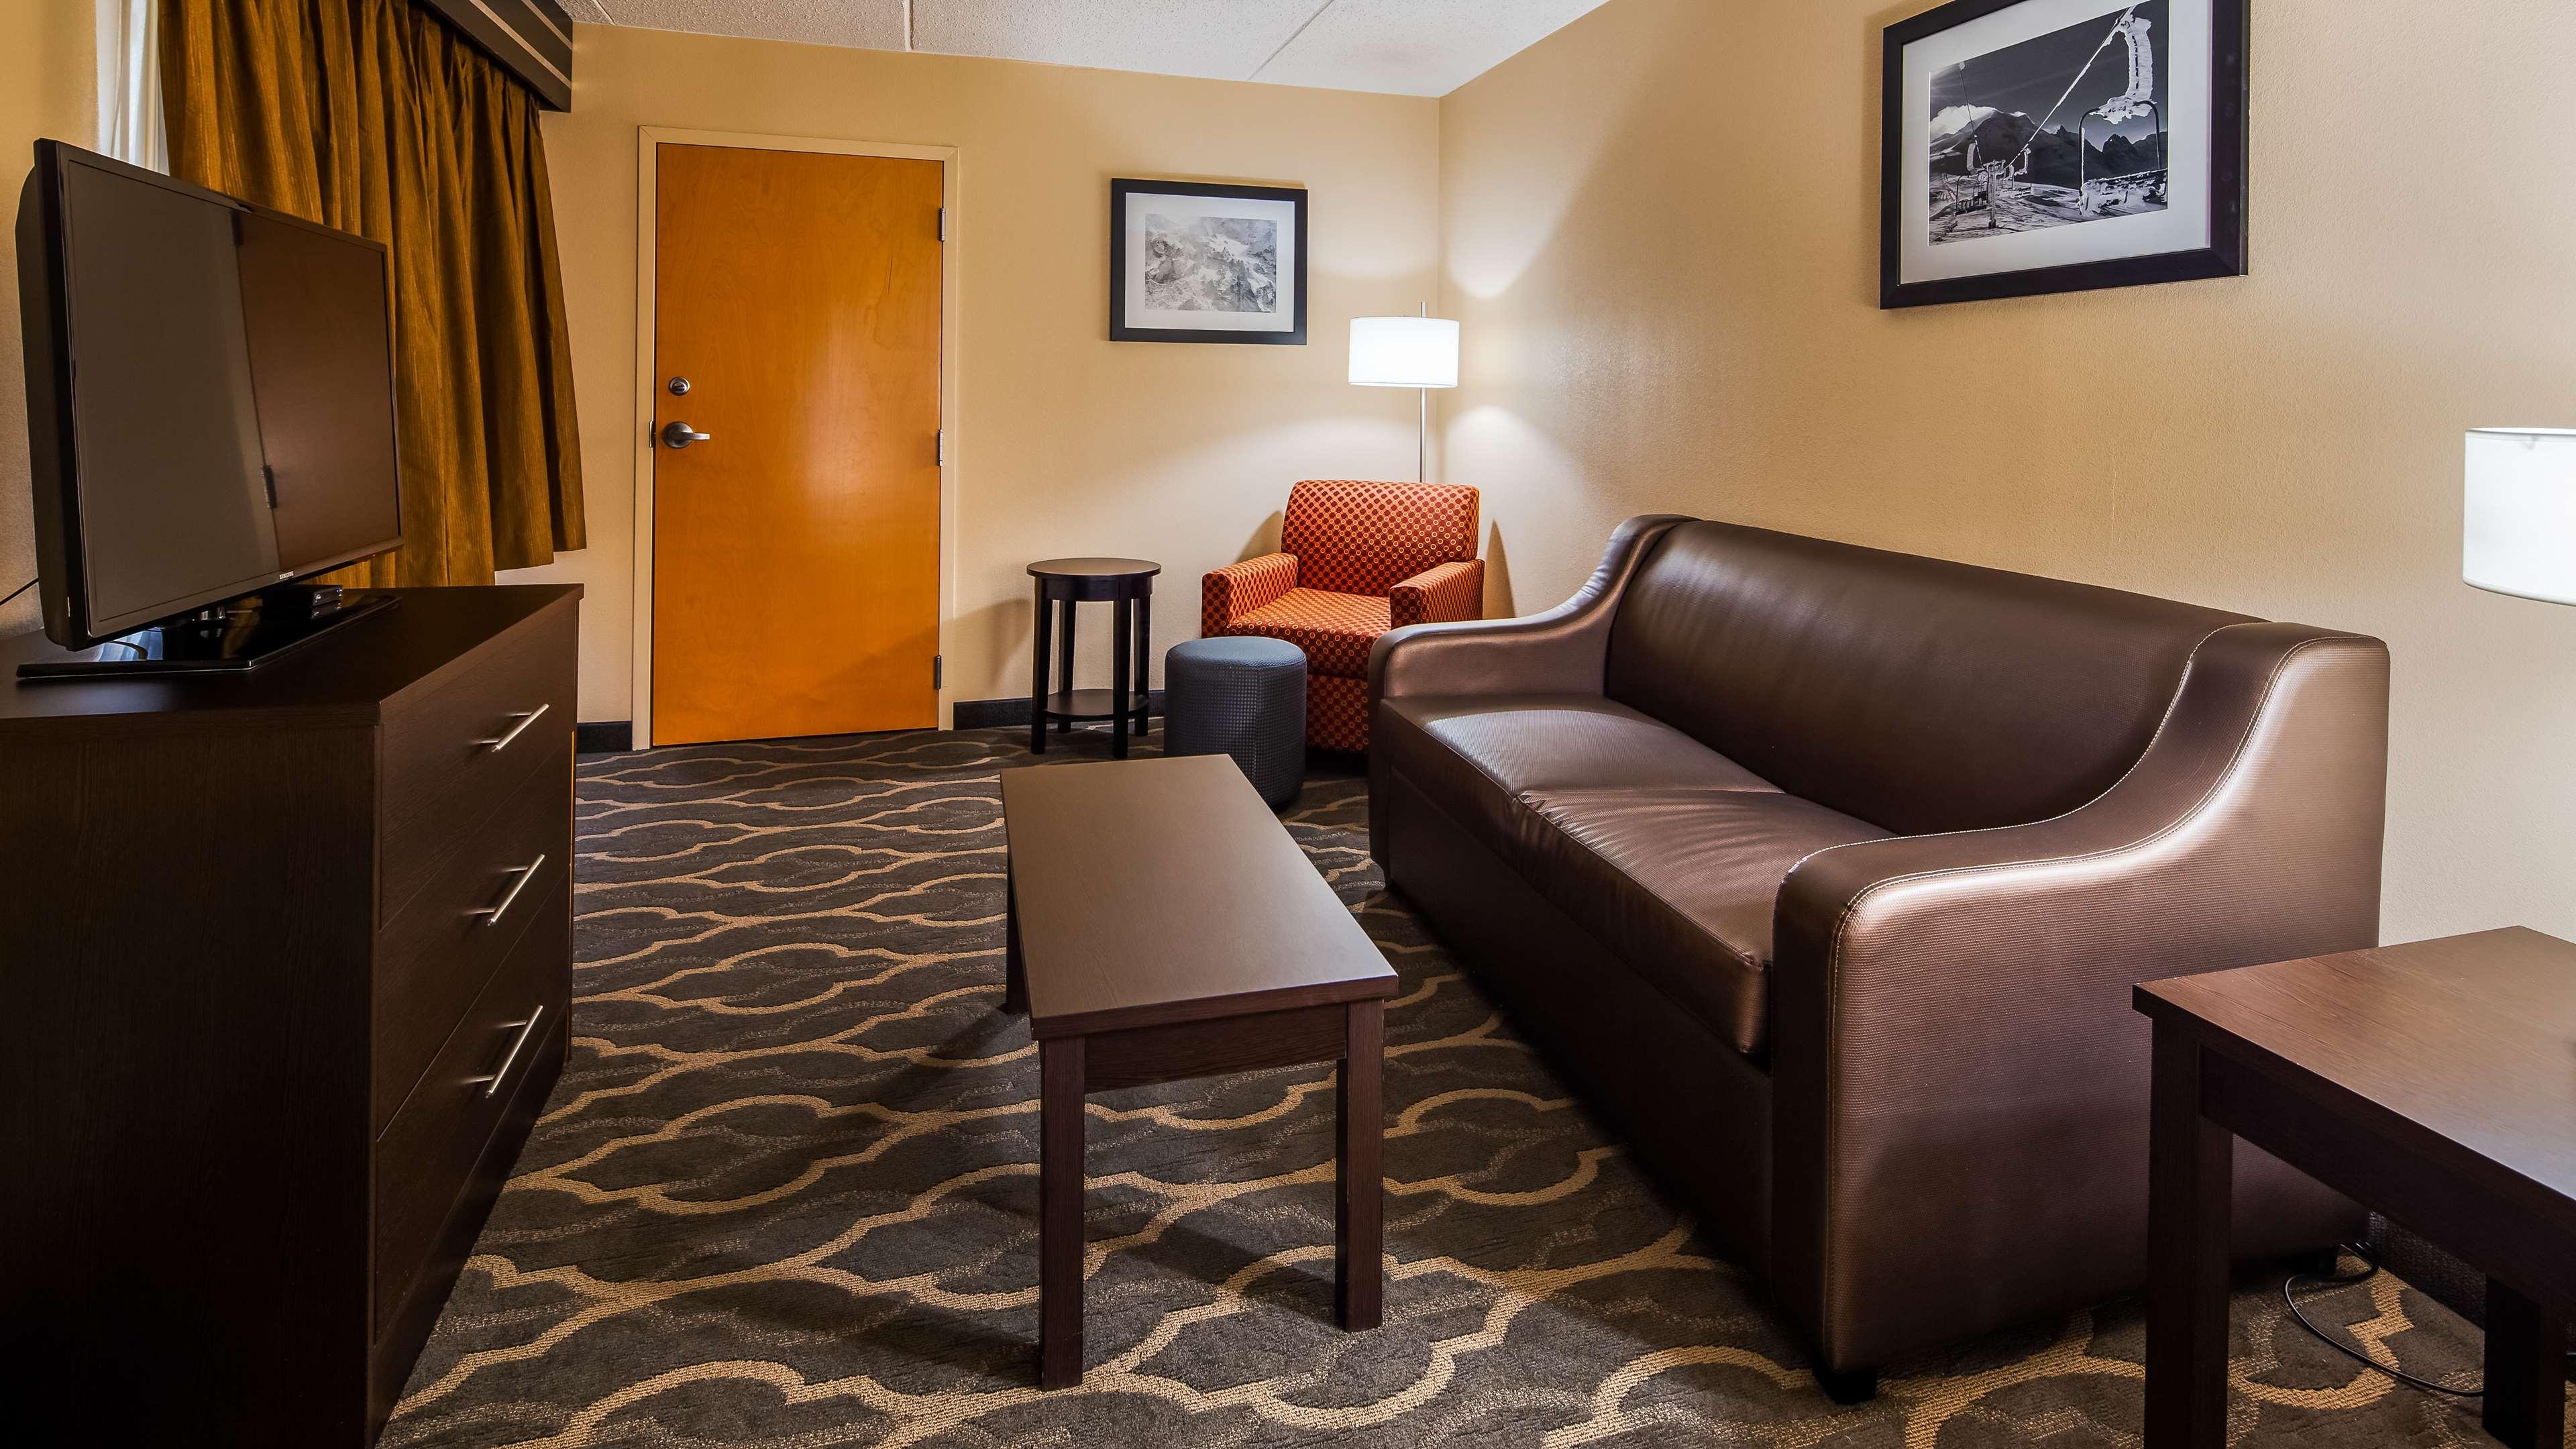 Best Western Inn at Blakeslee-Pocono image 15